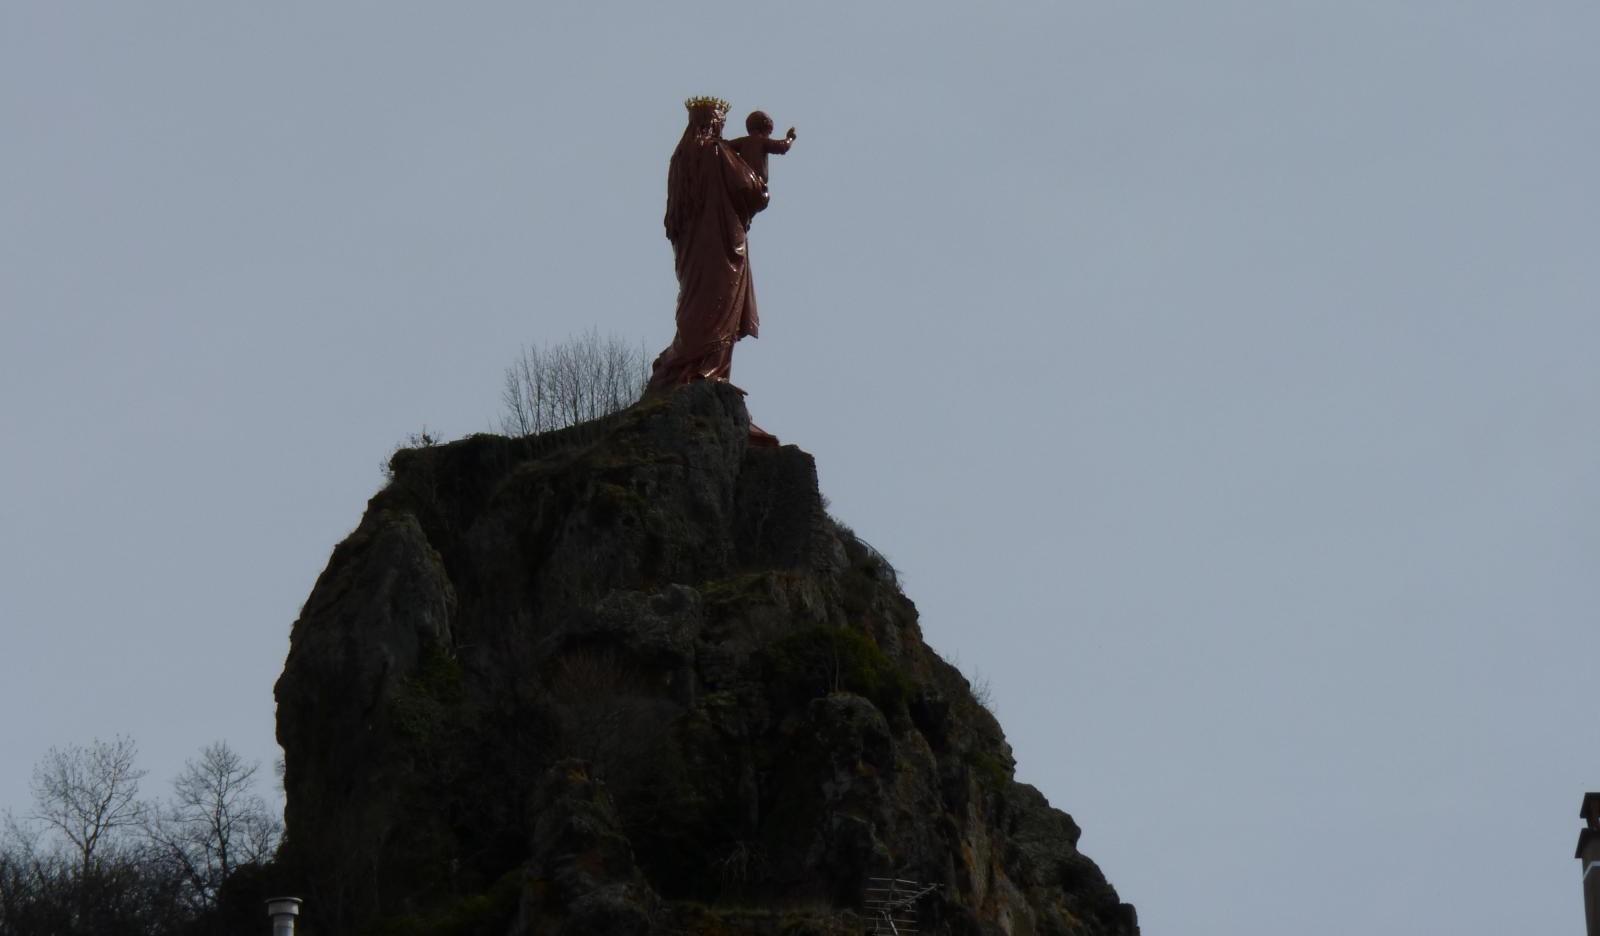 Aparición dejó Poderes Sanadores: Nuestra Señora de Puy en Velay, Francia (17 de septiembre)